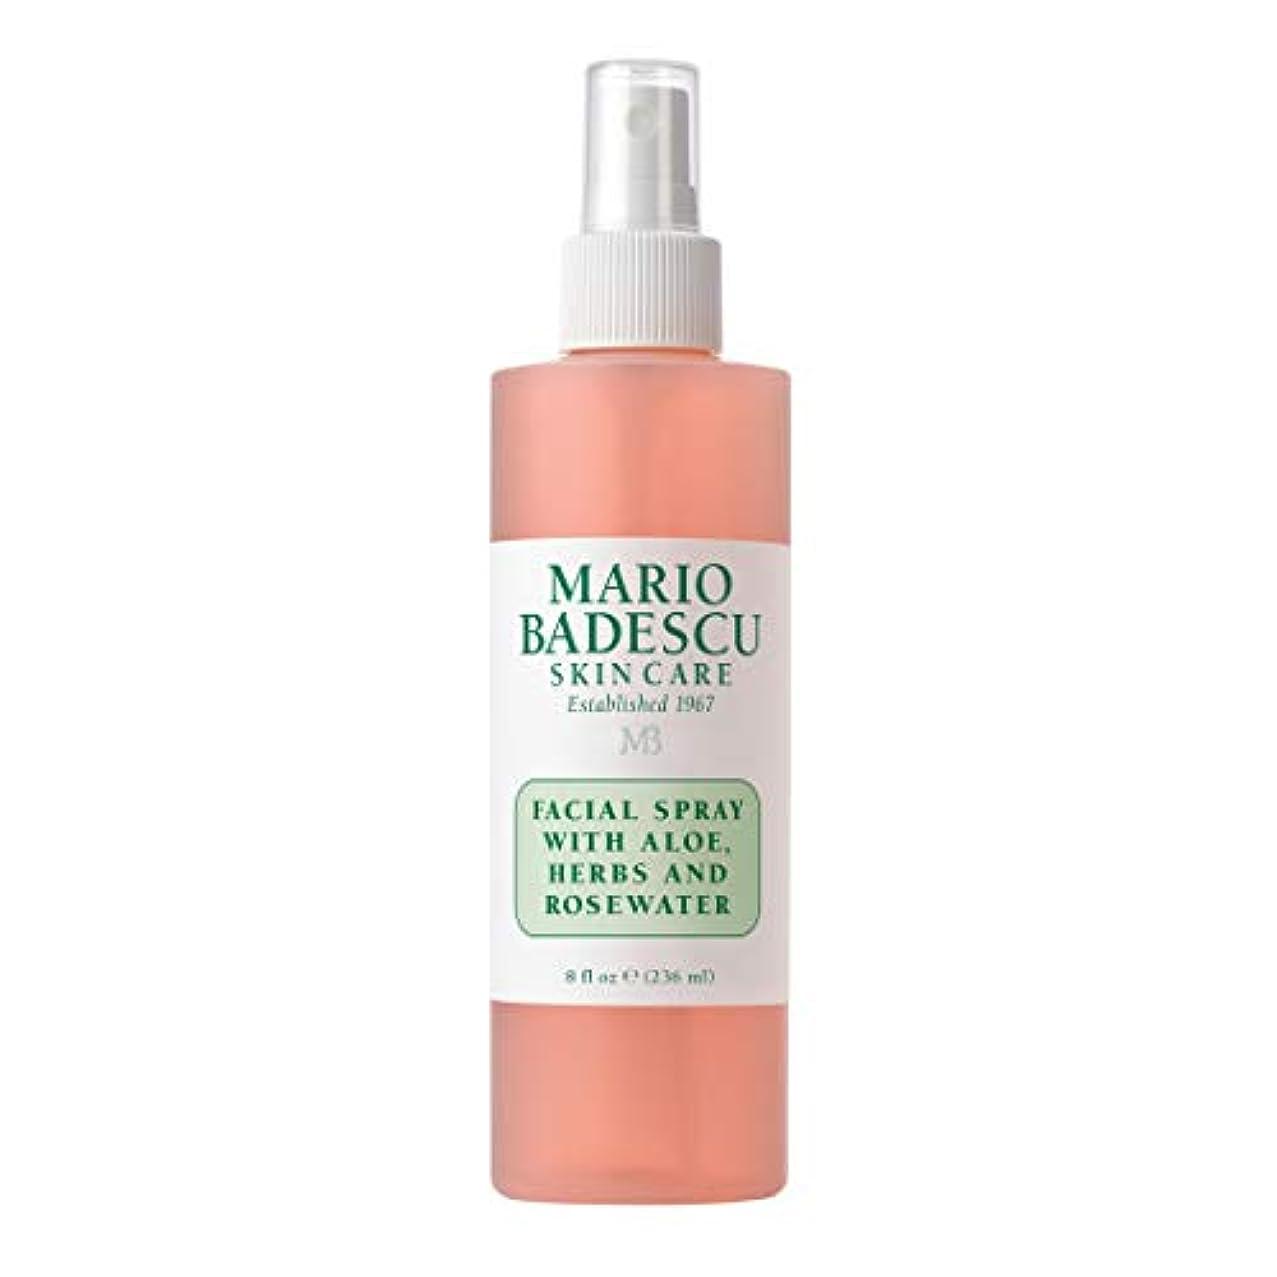 静めるレッドデートアトミックマリオ バデスク Facial Spray with Aloe, Herbs & Rosewater - For All Skin Types 236ml/8oz並行輸入品